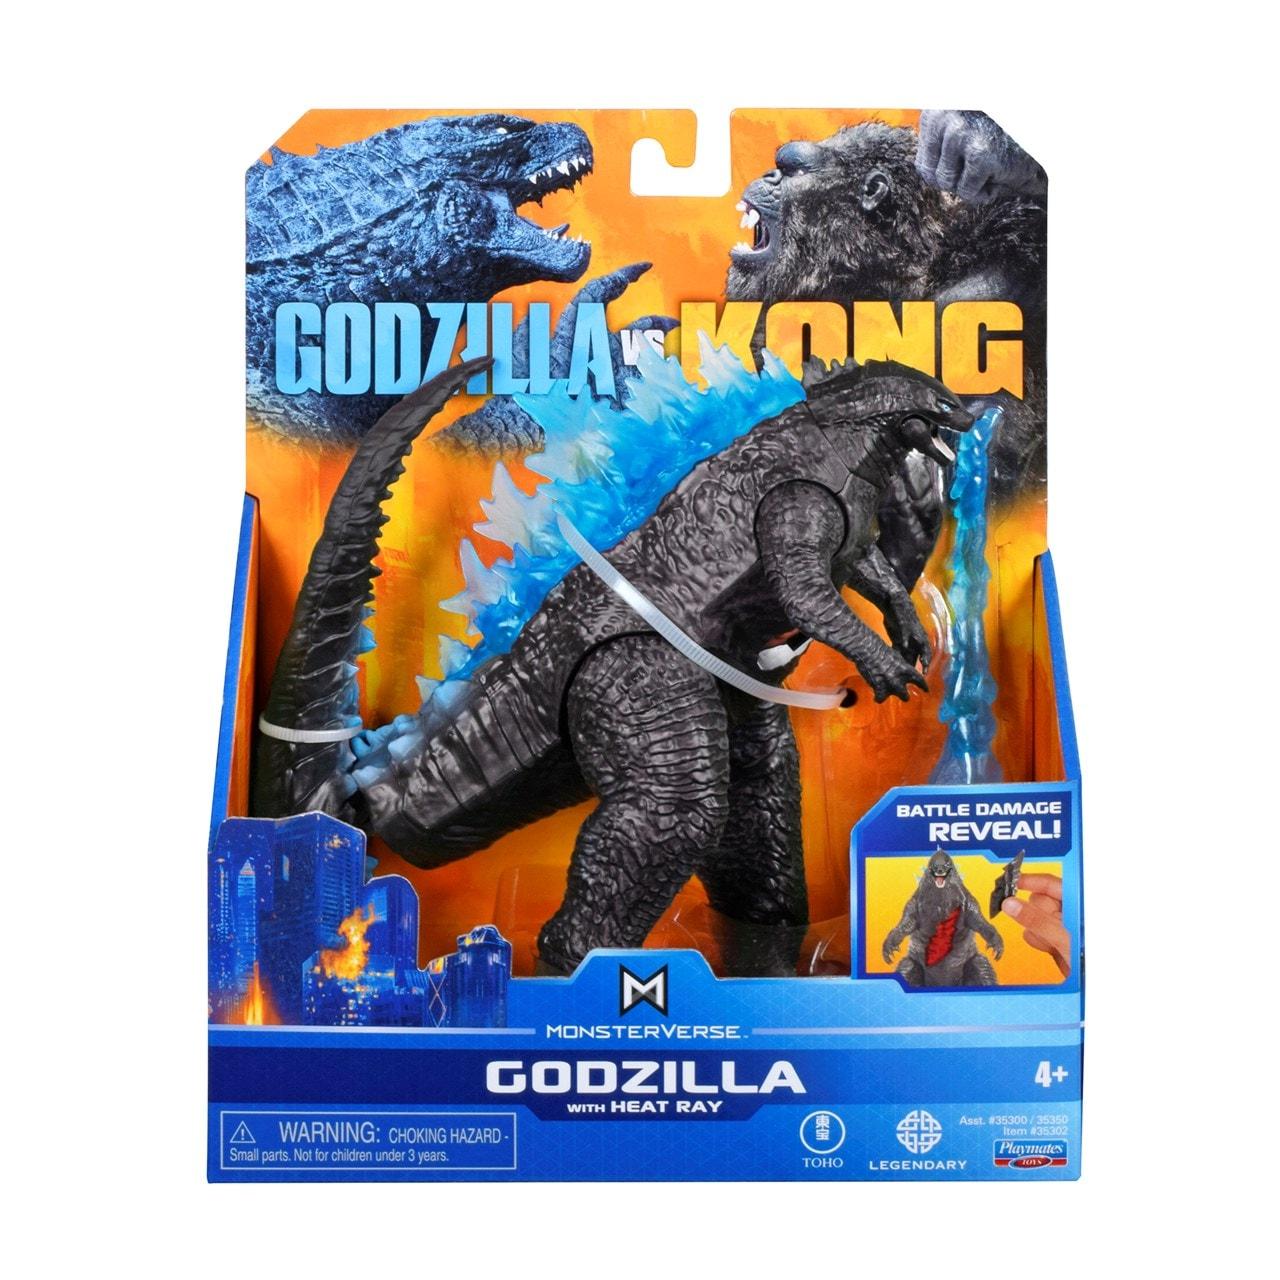 Monsterverse Godzilla vs Kong: Godzilla Heat Wave Action Figure - 4